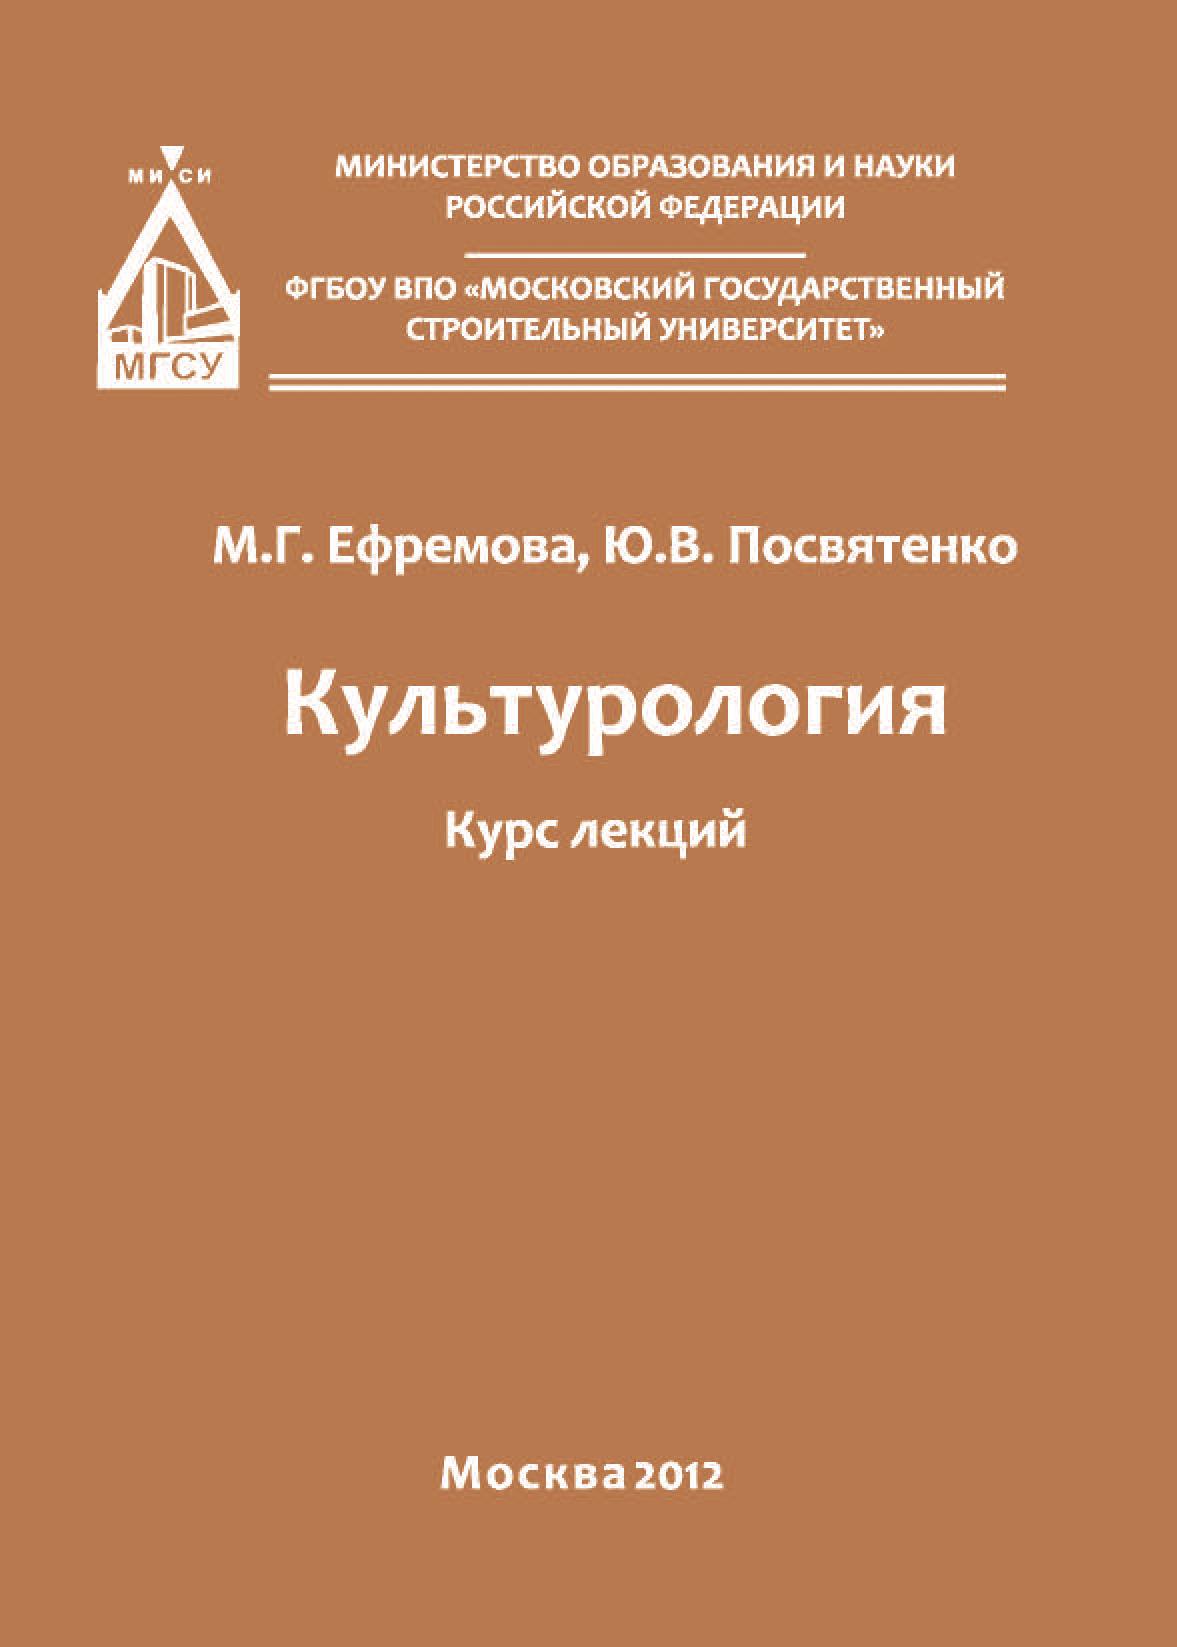 М. Г. Ефремова Культурология м в самсонова совершенствование образовательного процесса вуза основанного на компетентностном подходе